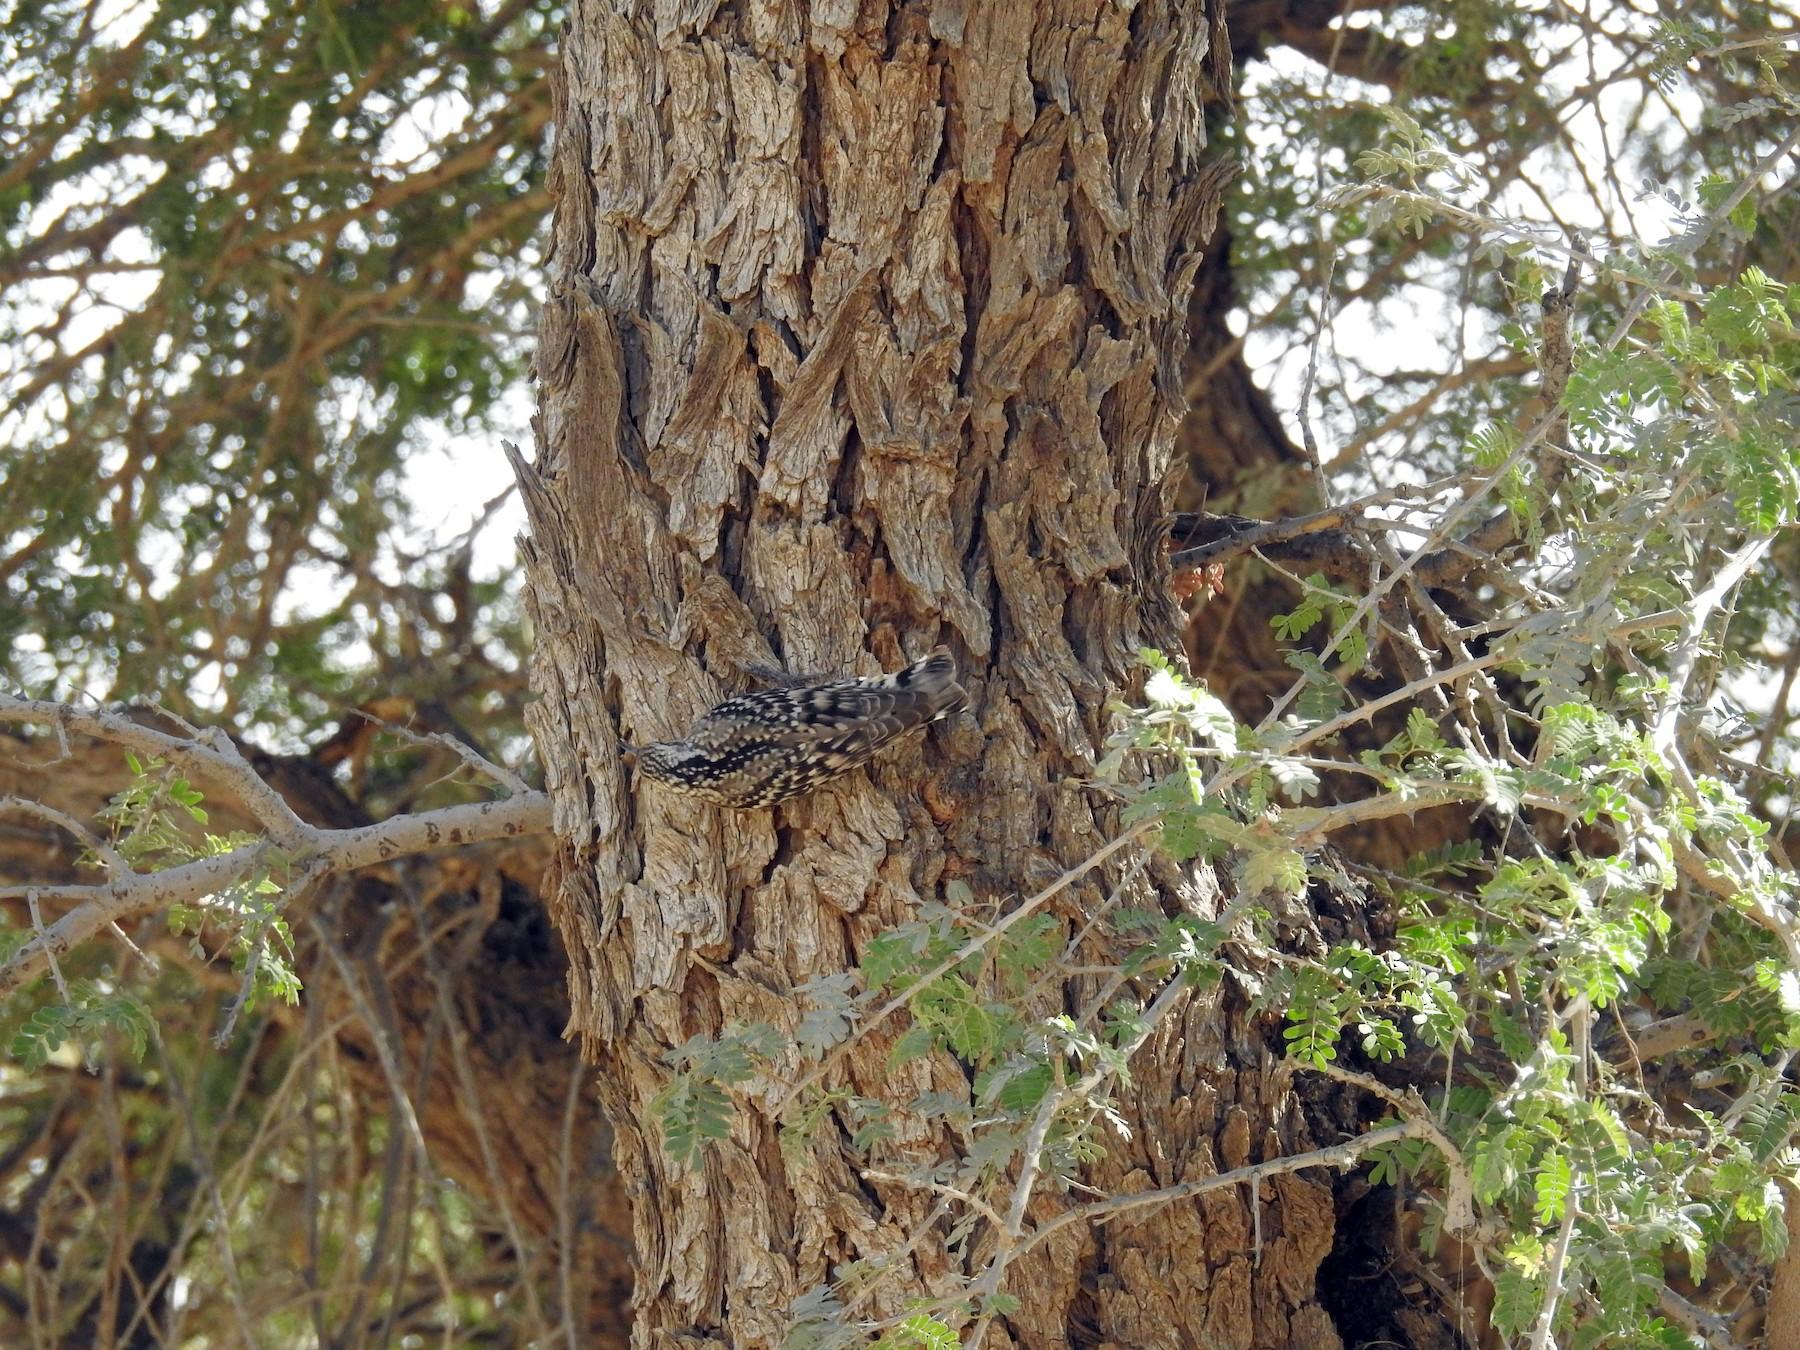 Indian Spotted Creeper - Ashwin Viswanathan